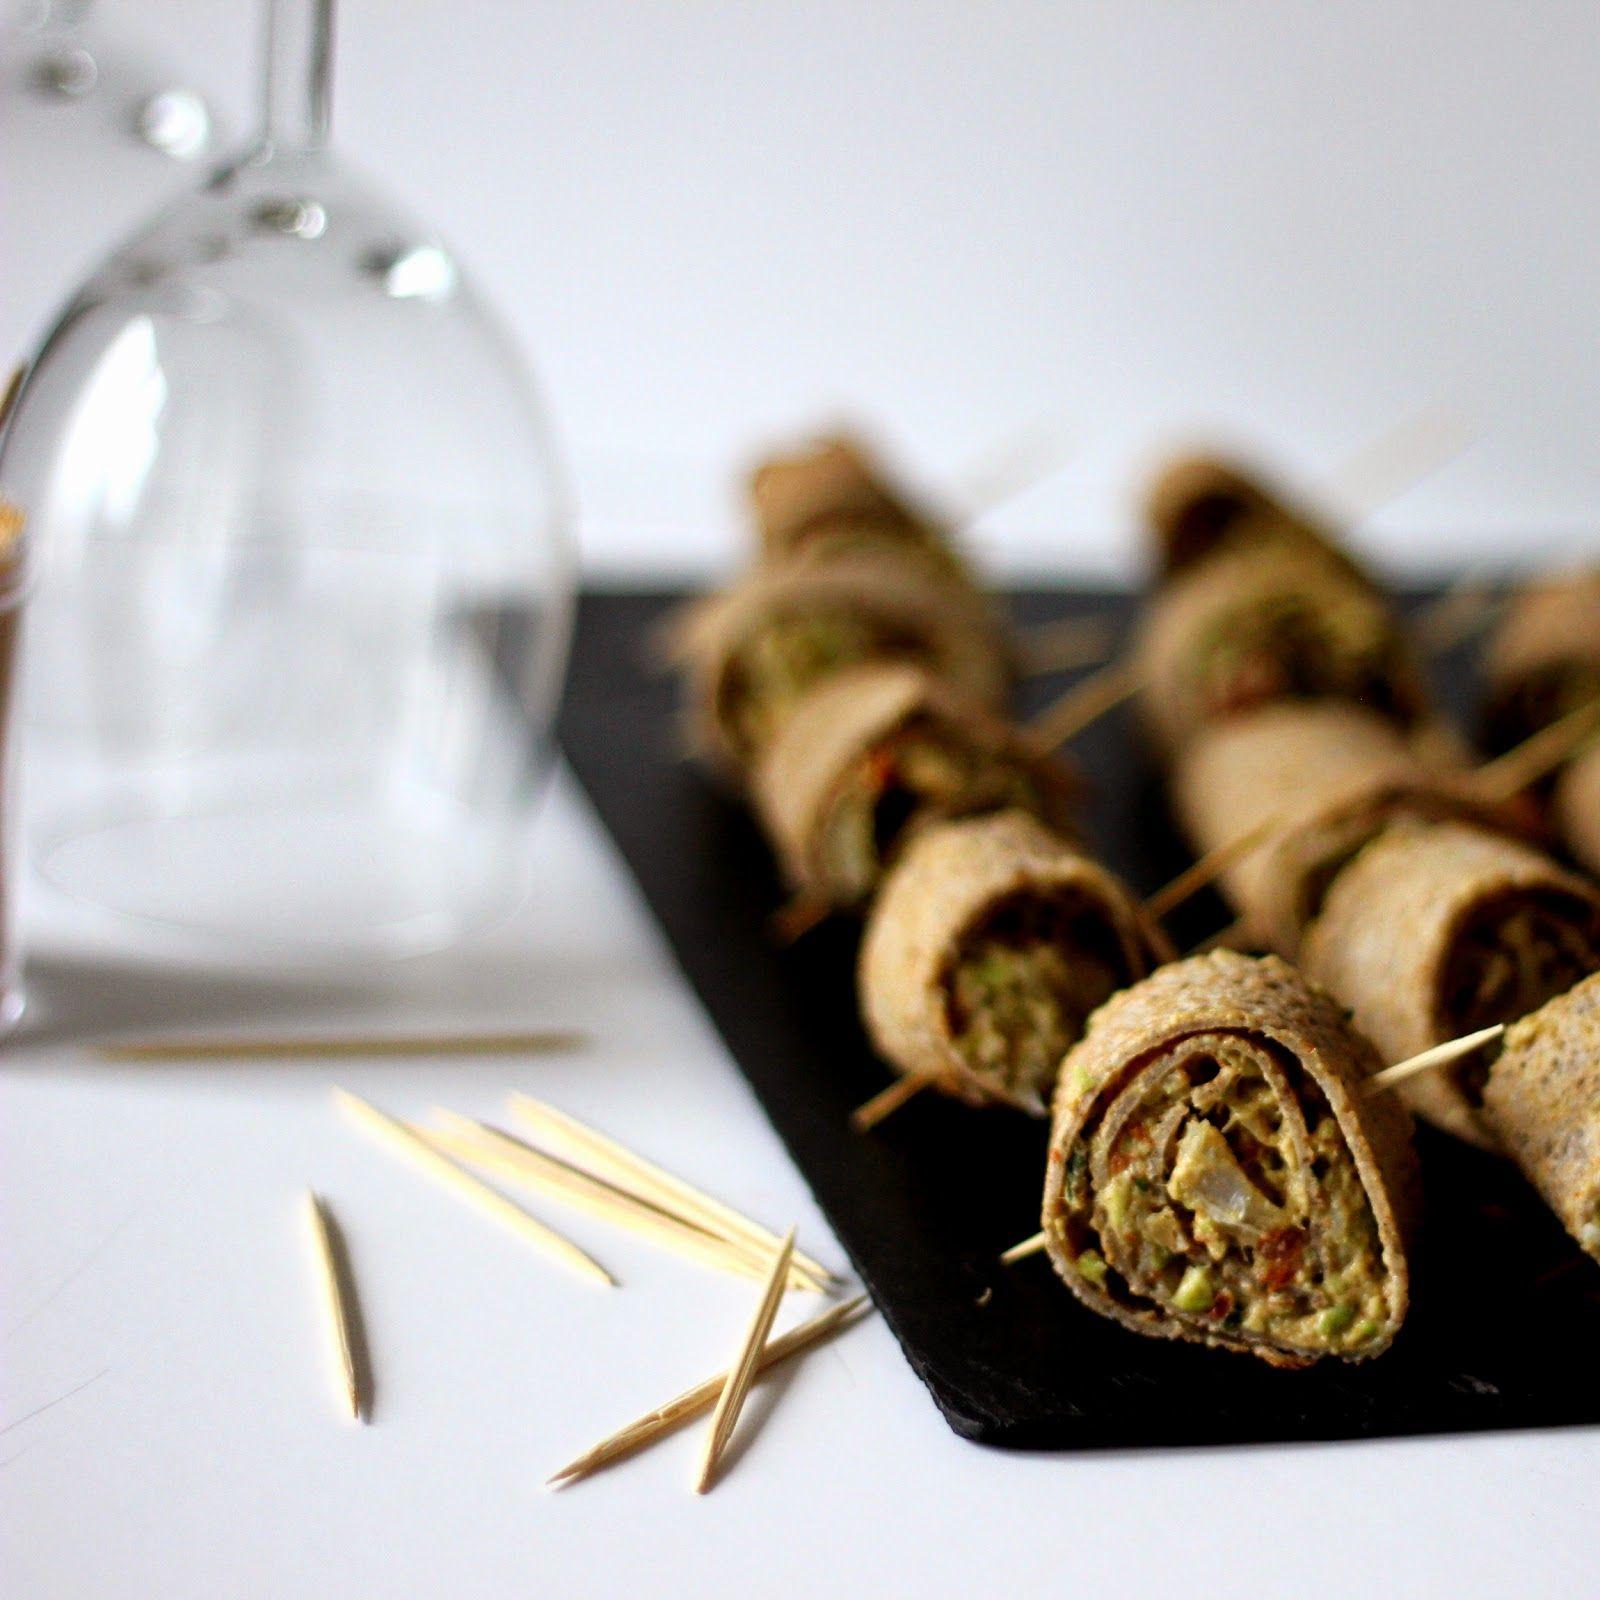 Comme une envie de roulés de crêpes blé noir, avocat & merlu fumé ... idéal pour l'apéro :) http://le-miam-de-ninou.blogspot.com/2015/01/roules-de-crepes-de-ble-noir-au-merlu.html …